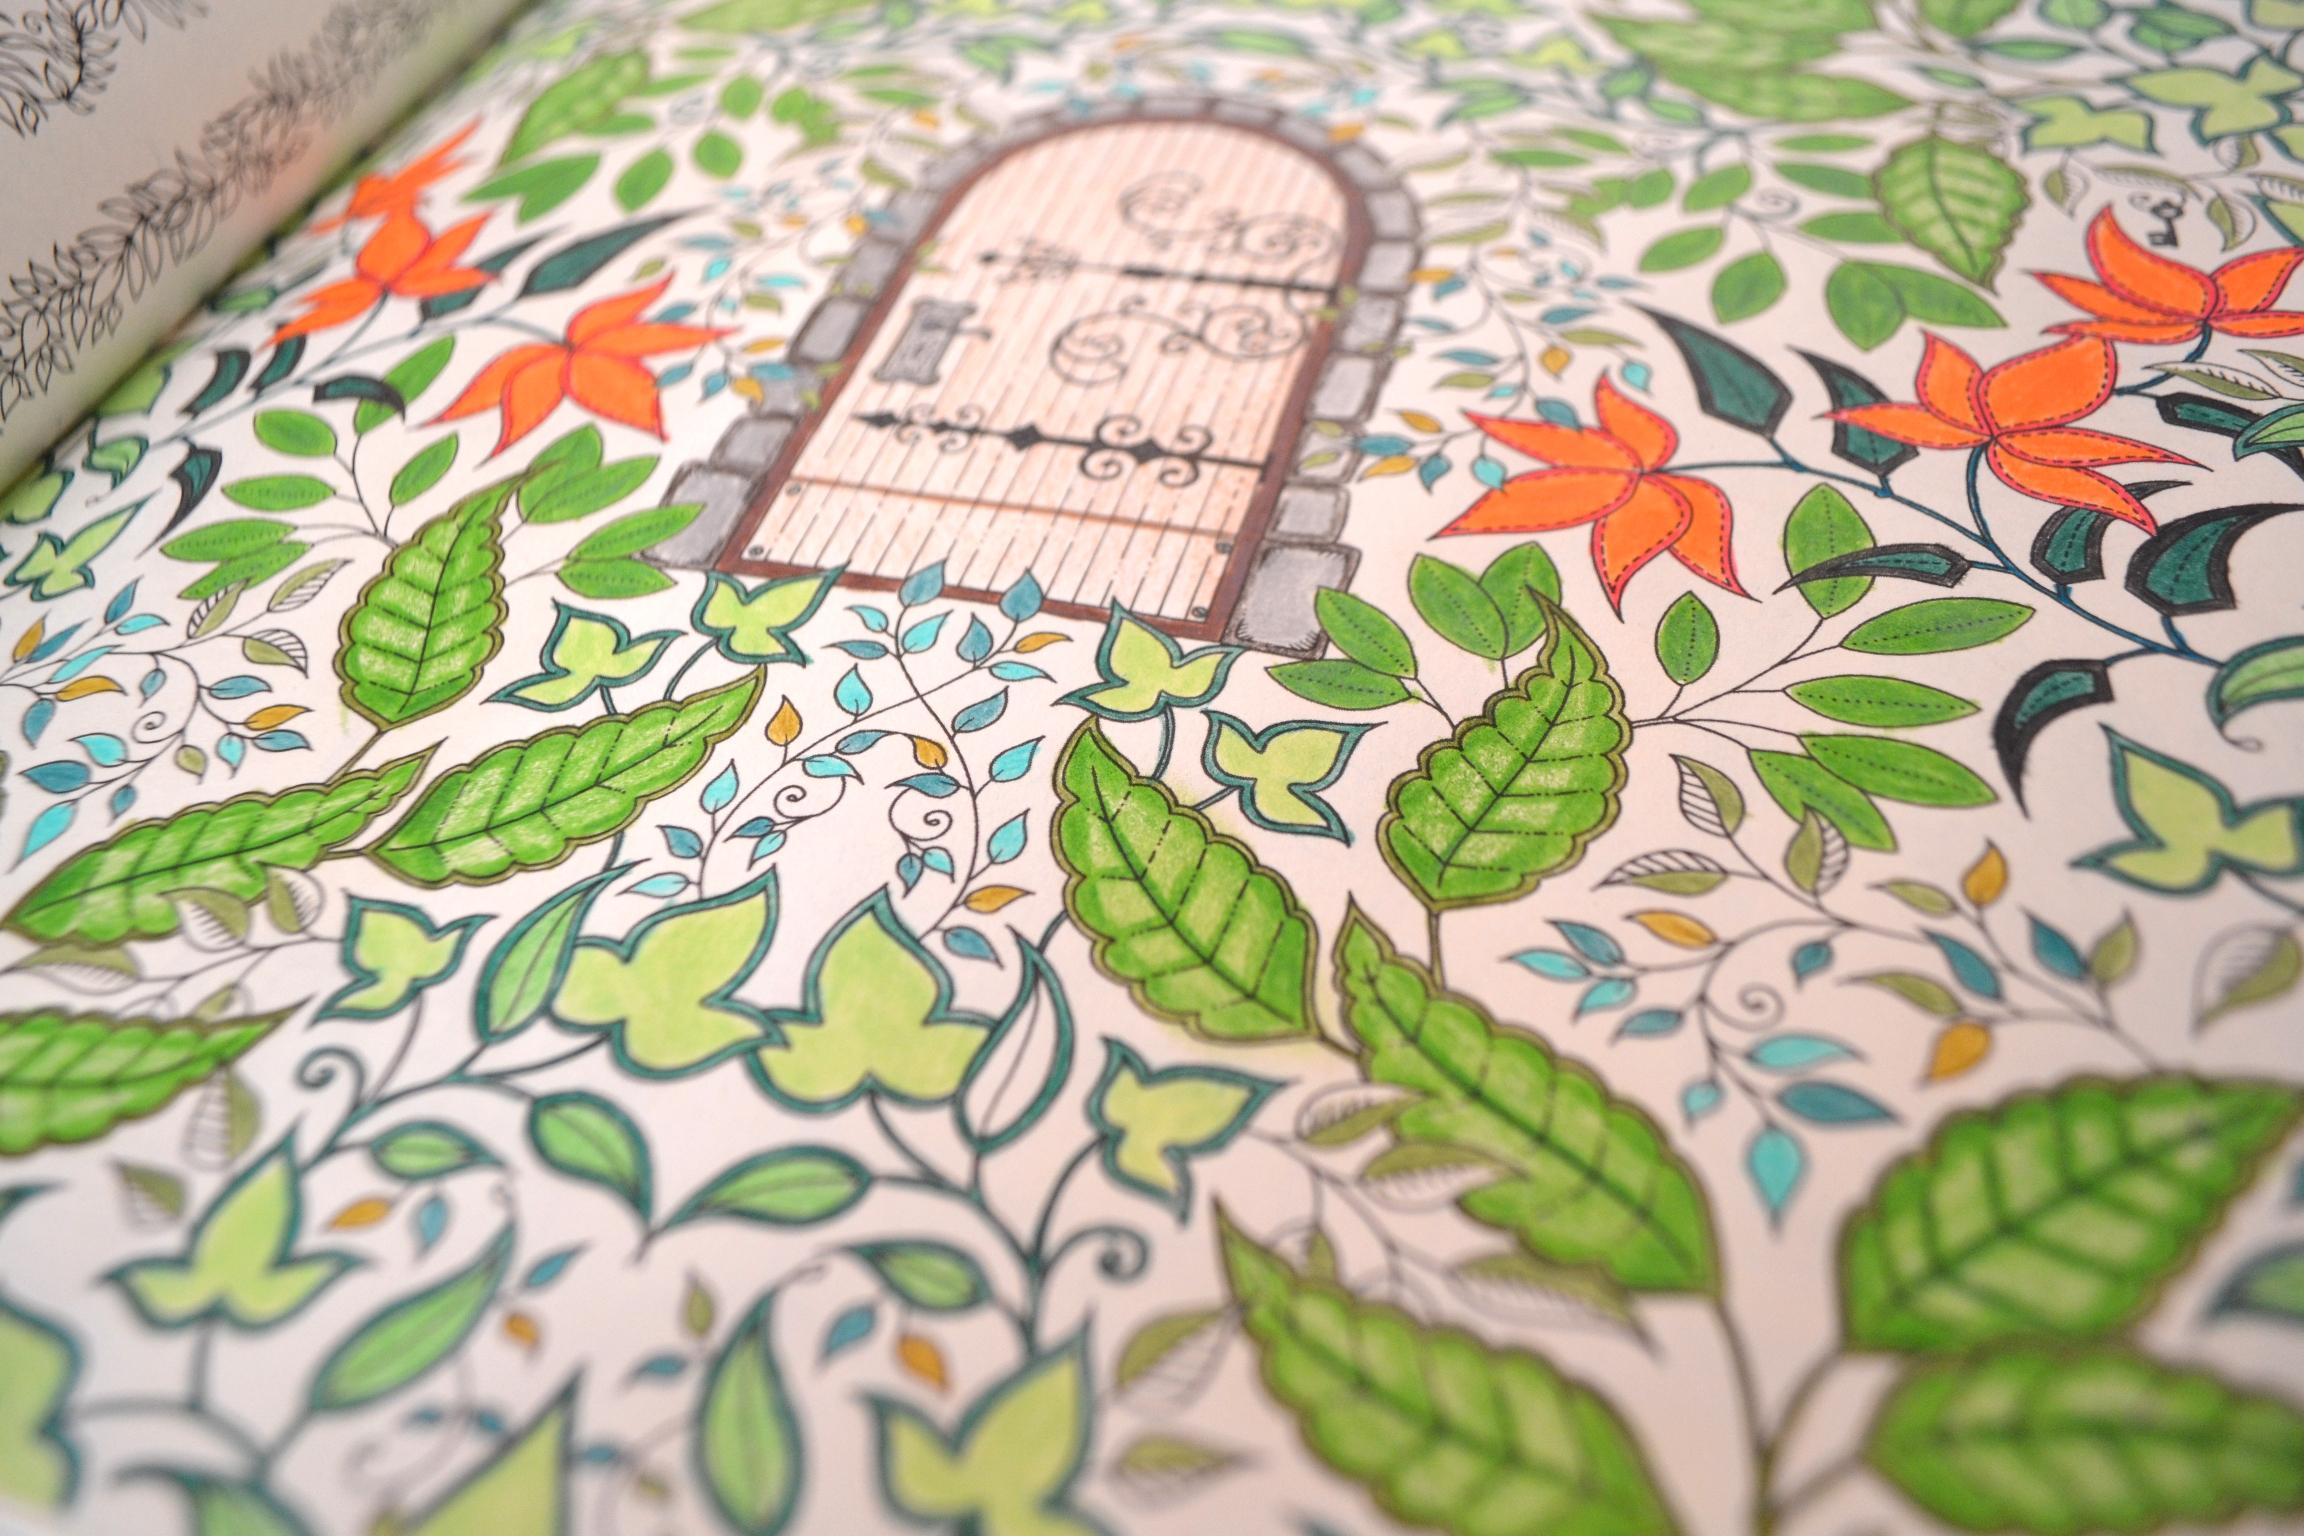 fotos jardim secreto:Tutorial para colorir livros? Fizeram um que é sensacional, veja aqui